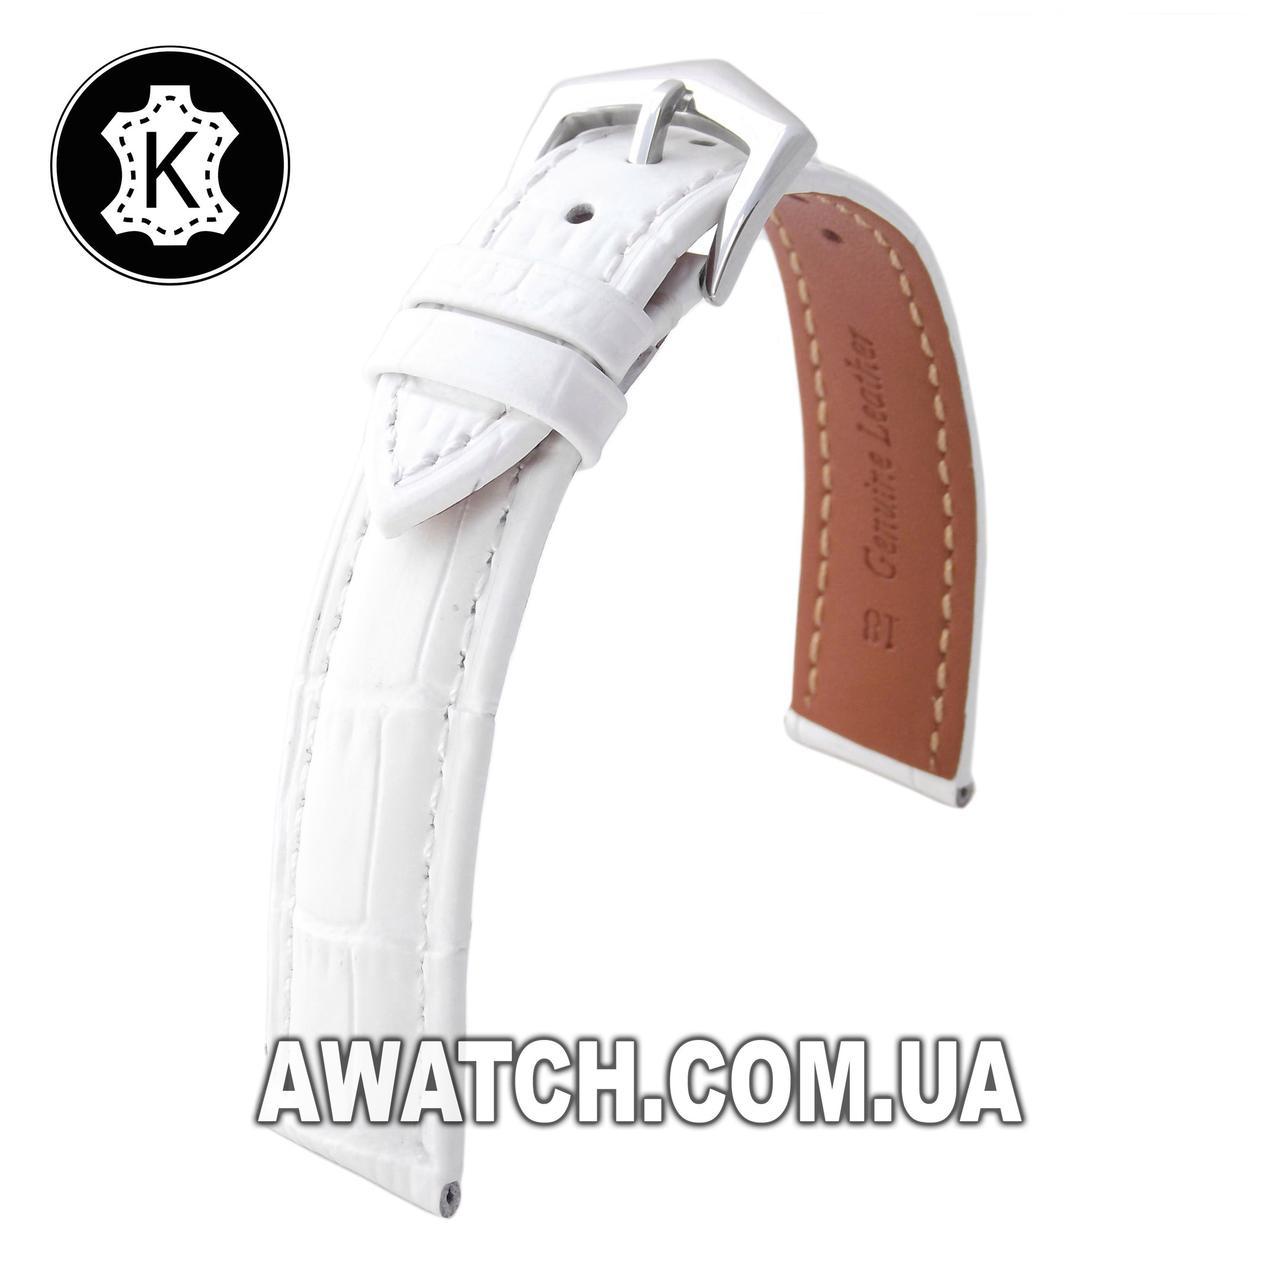 Ремешок кожаный Catfskin для наручных часов с классической застежкой, белый, 20 мм